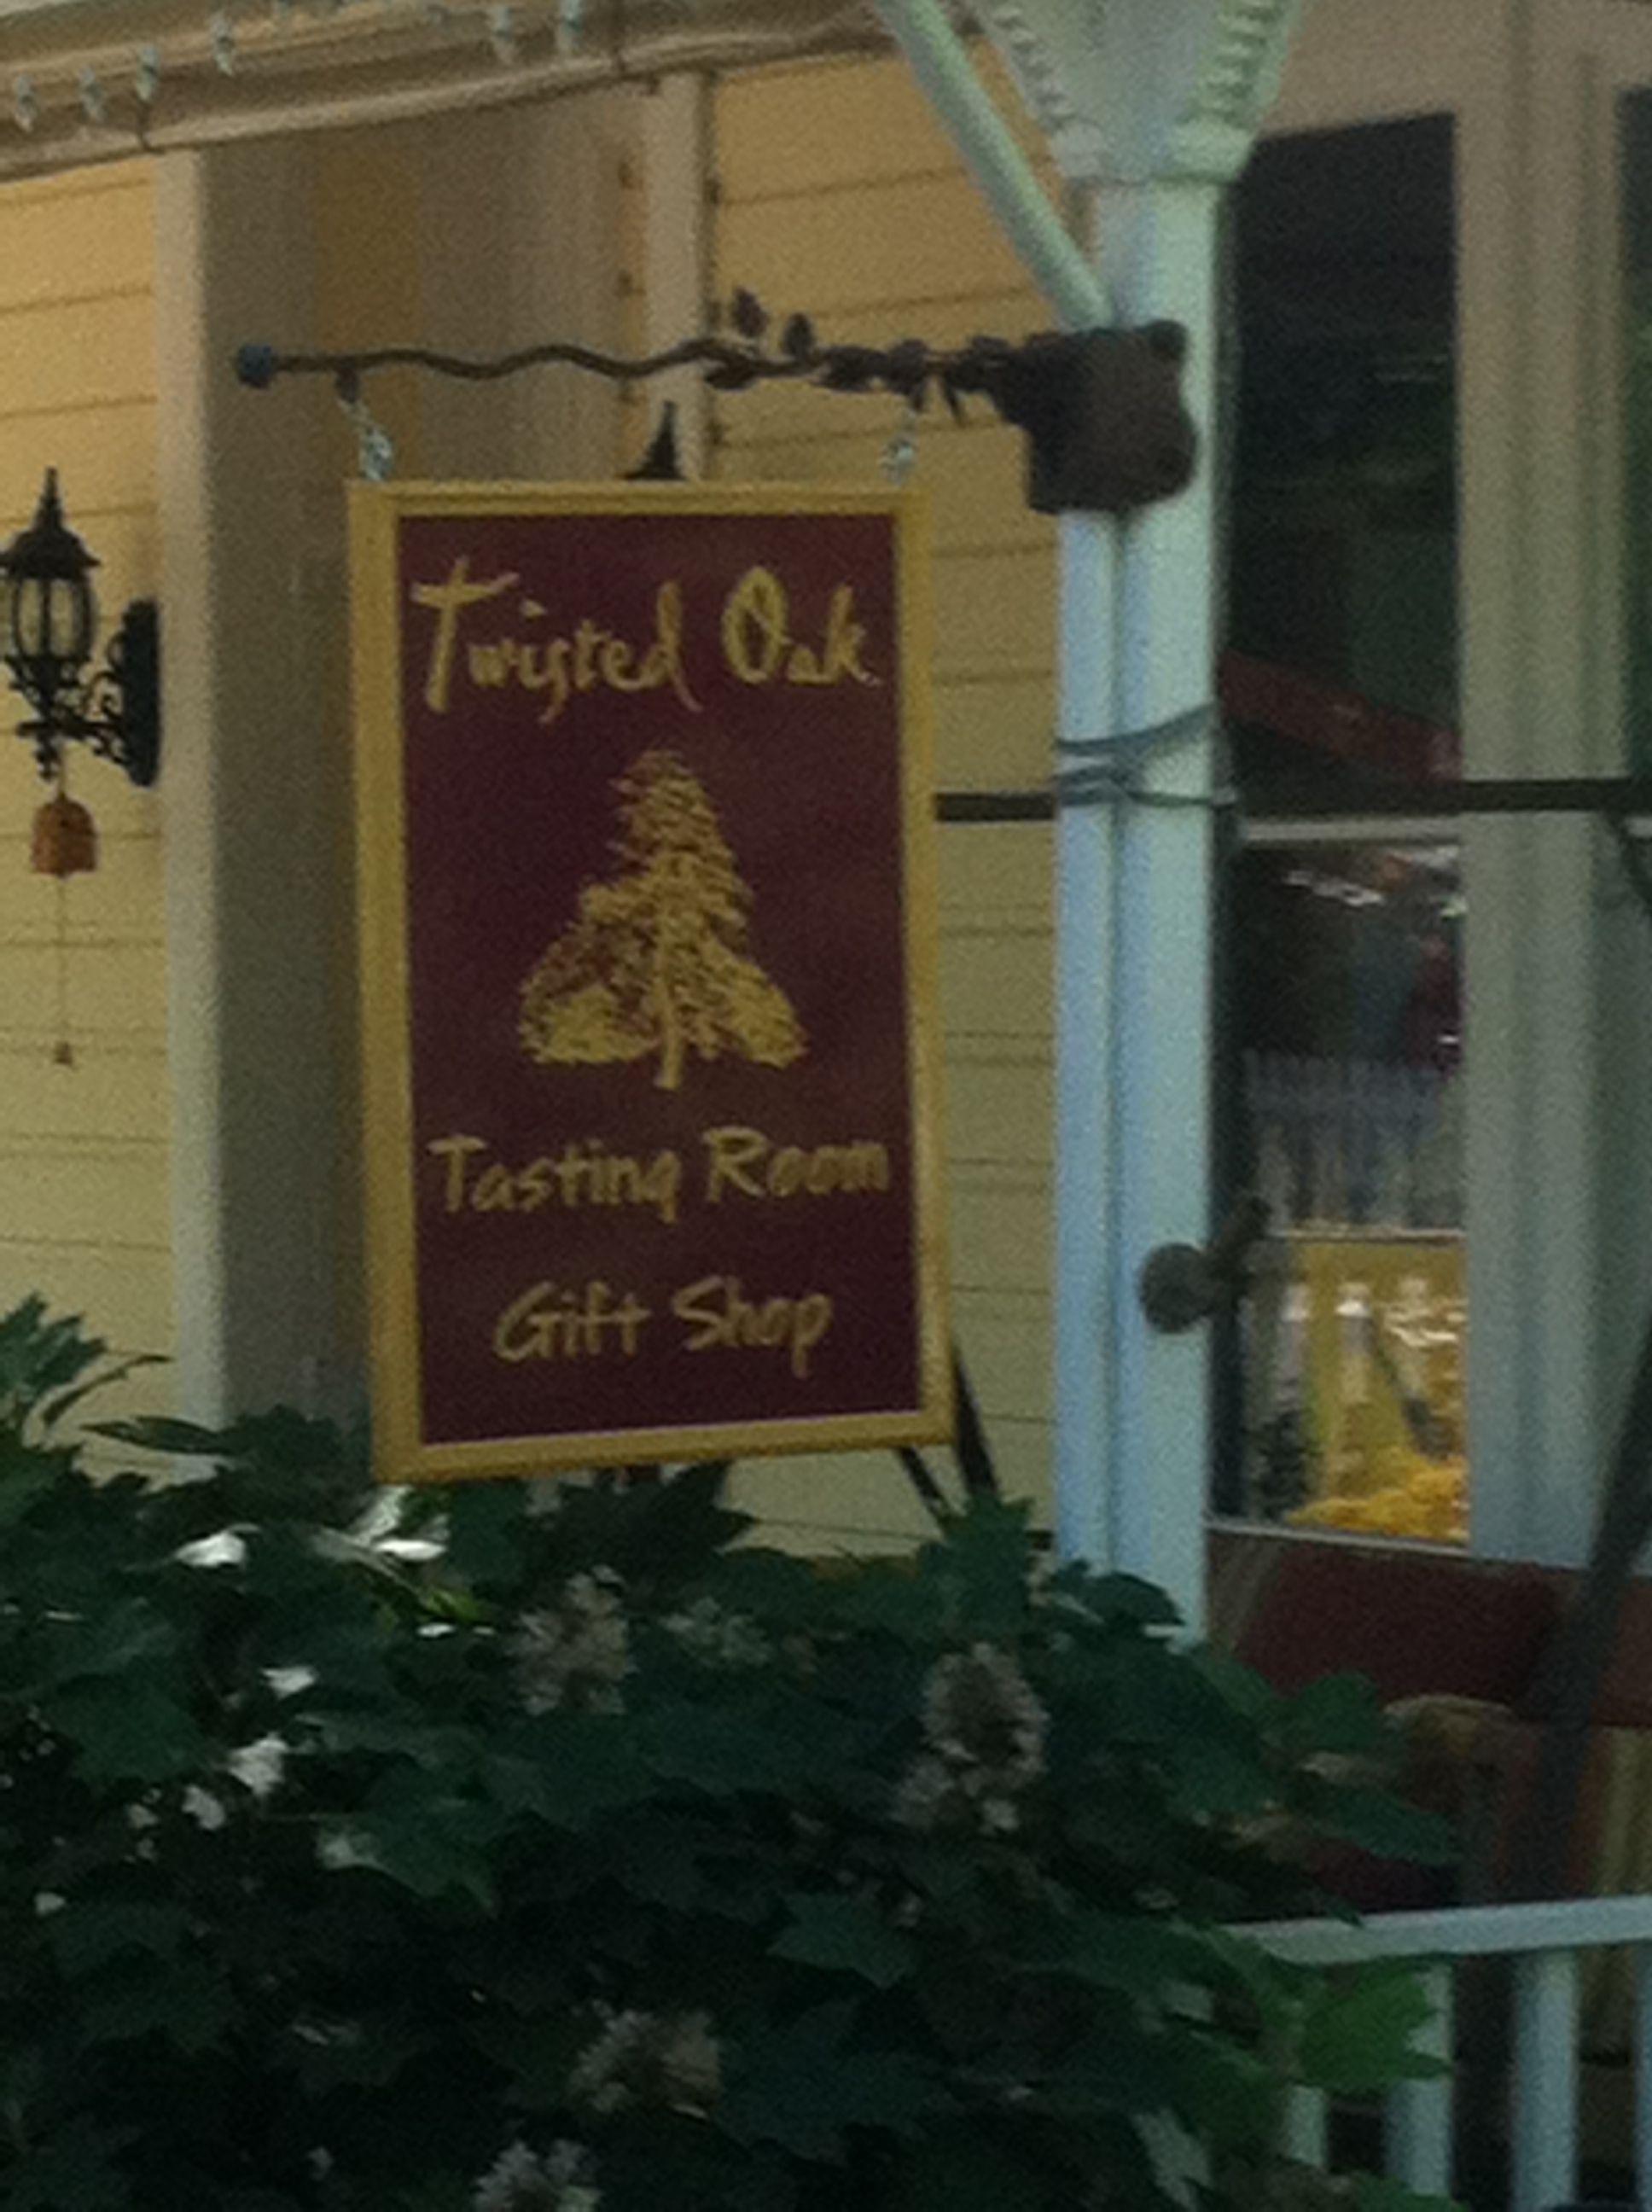 Twisted Oak Wine Tasting Room